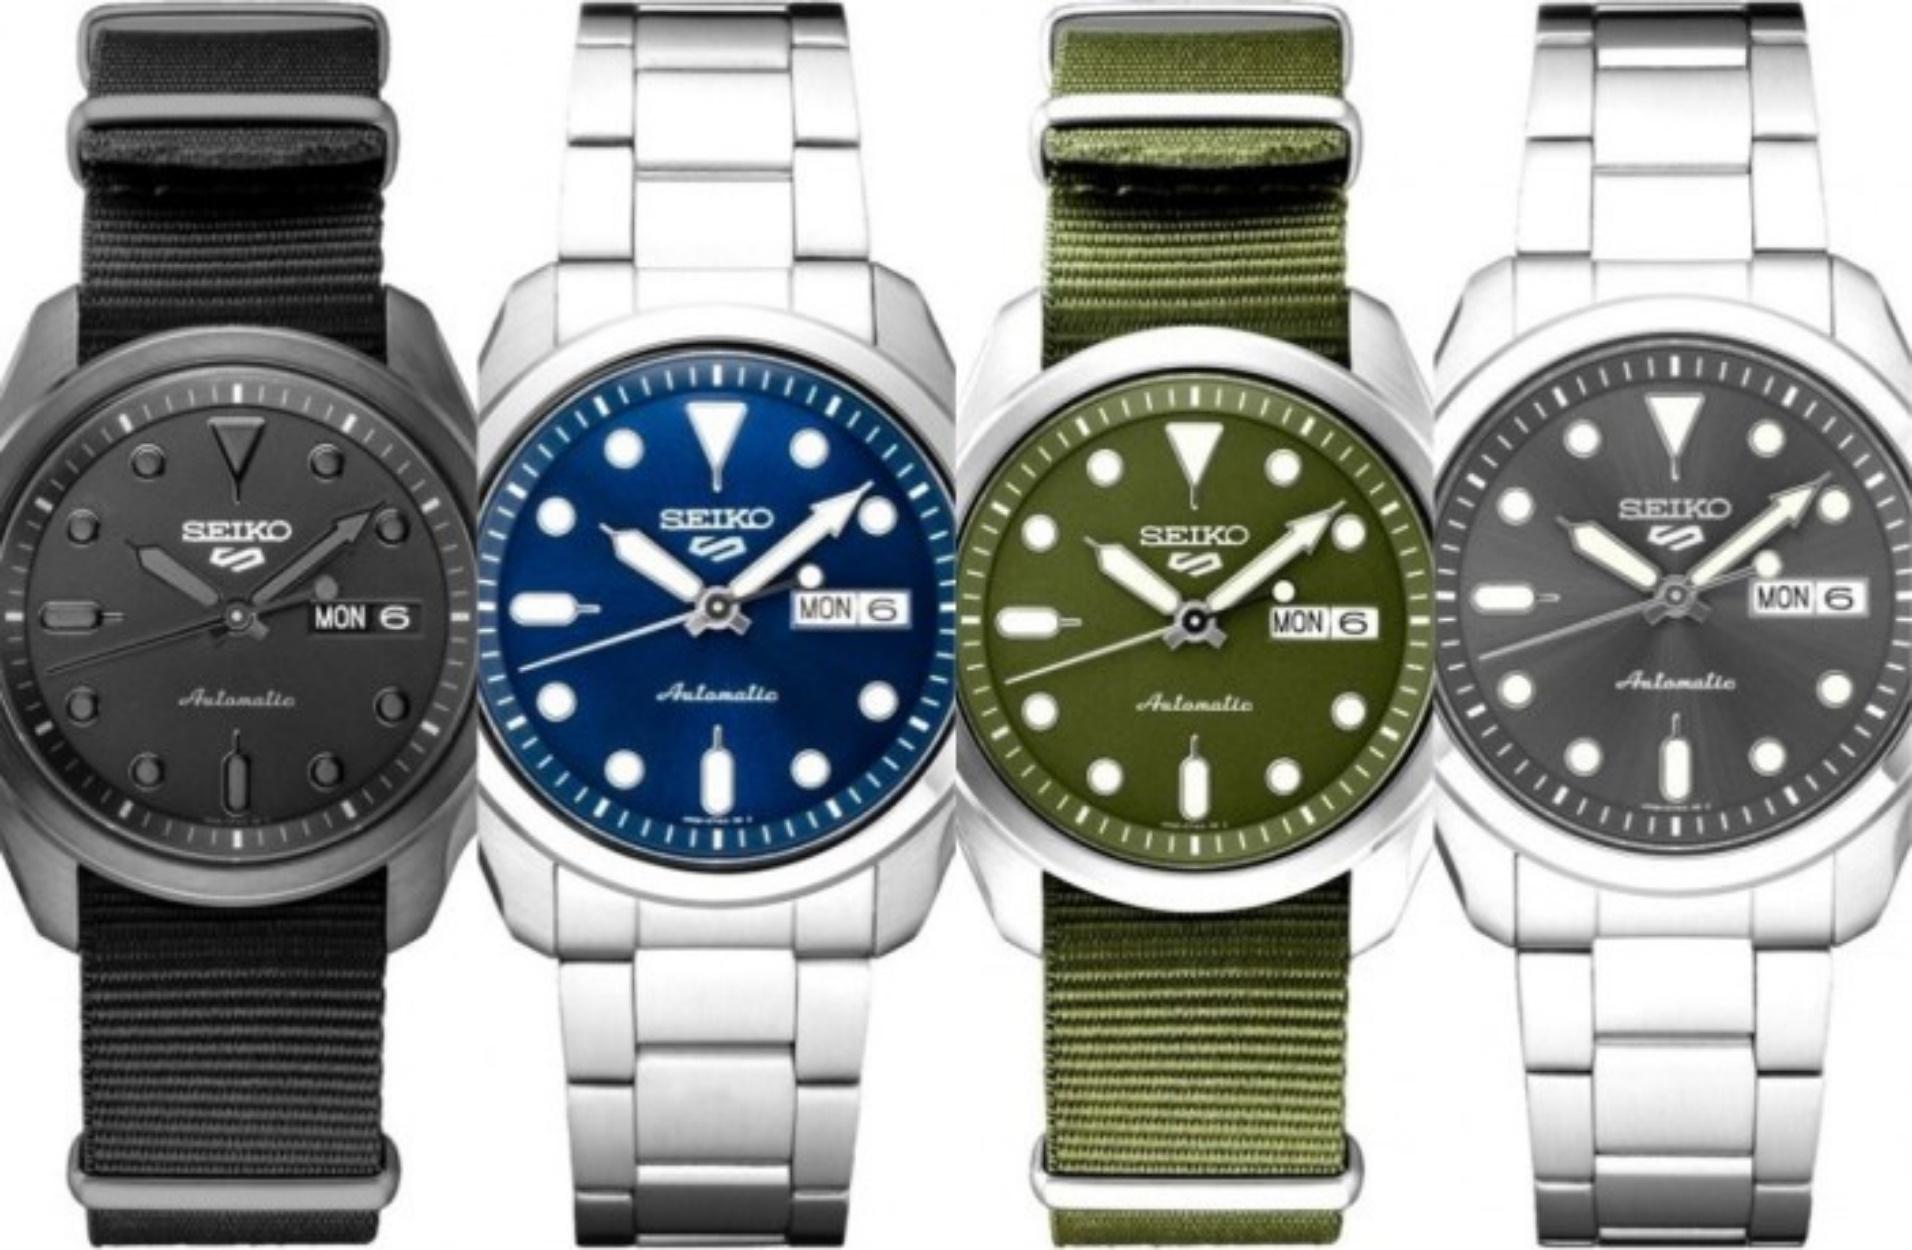 Τα νέα Seiko 5 Sports είναι ιδανικά για σένα που ψάχνεις ένα προσιτό και αξιόπιστο ρολόι